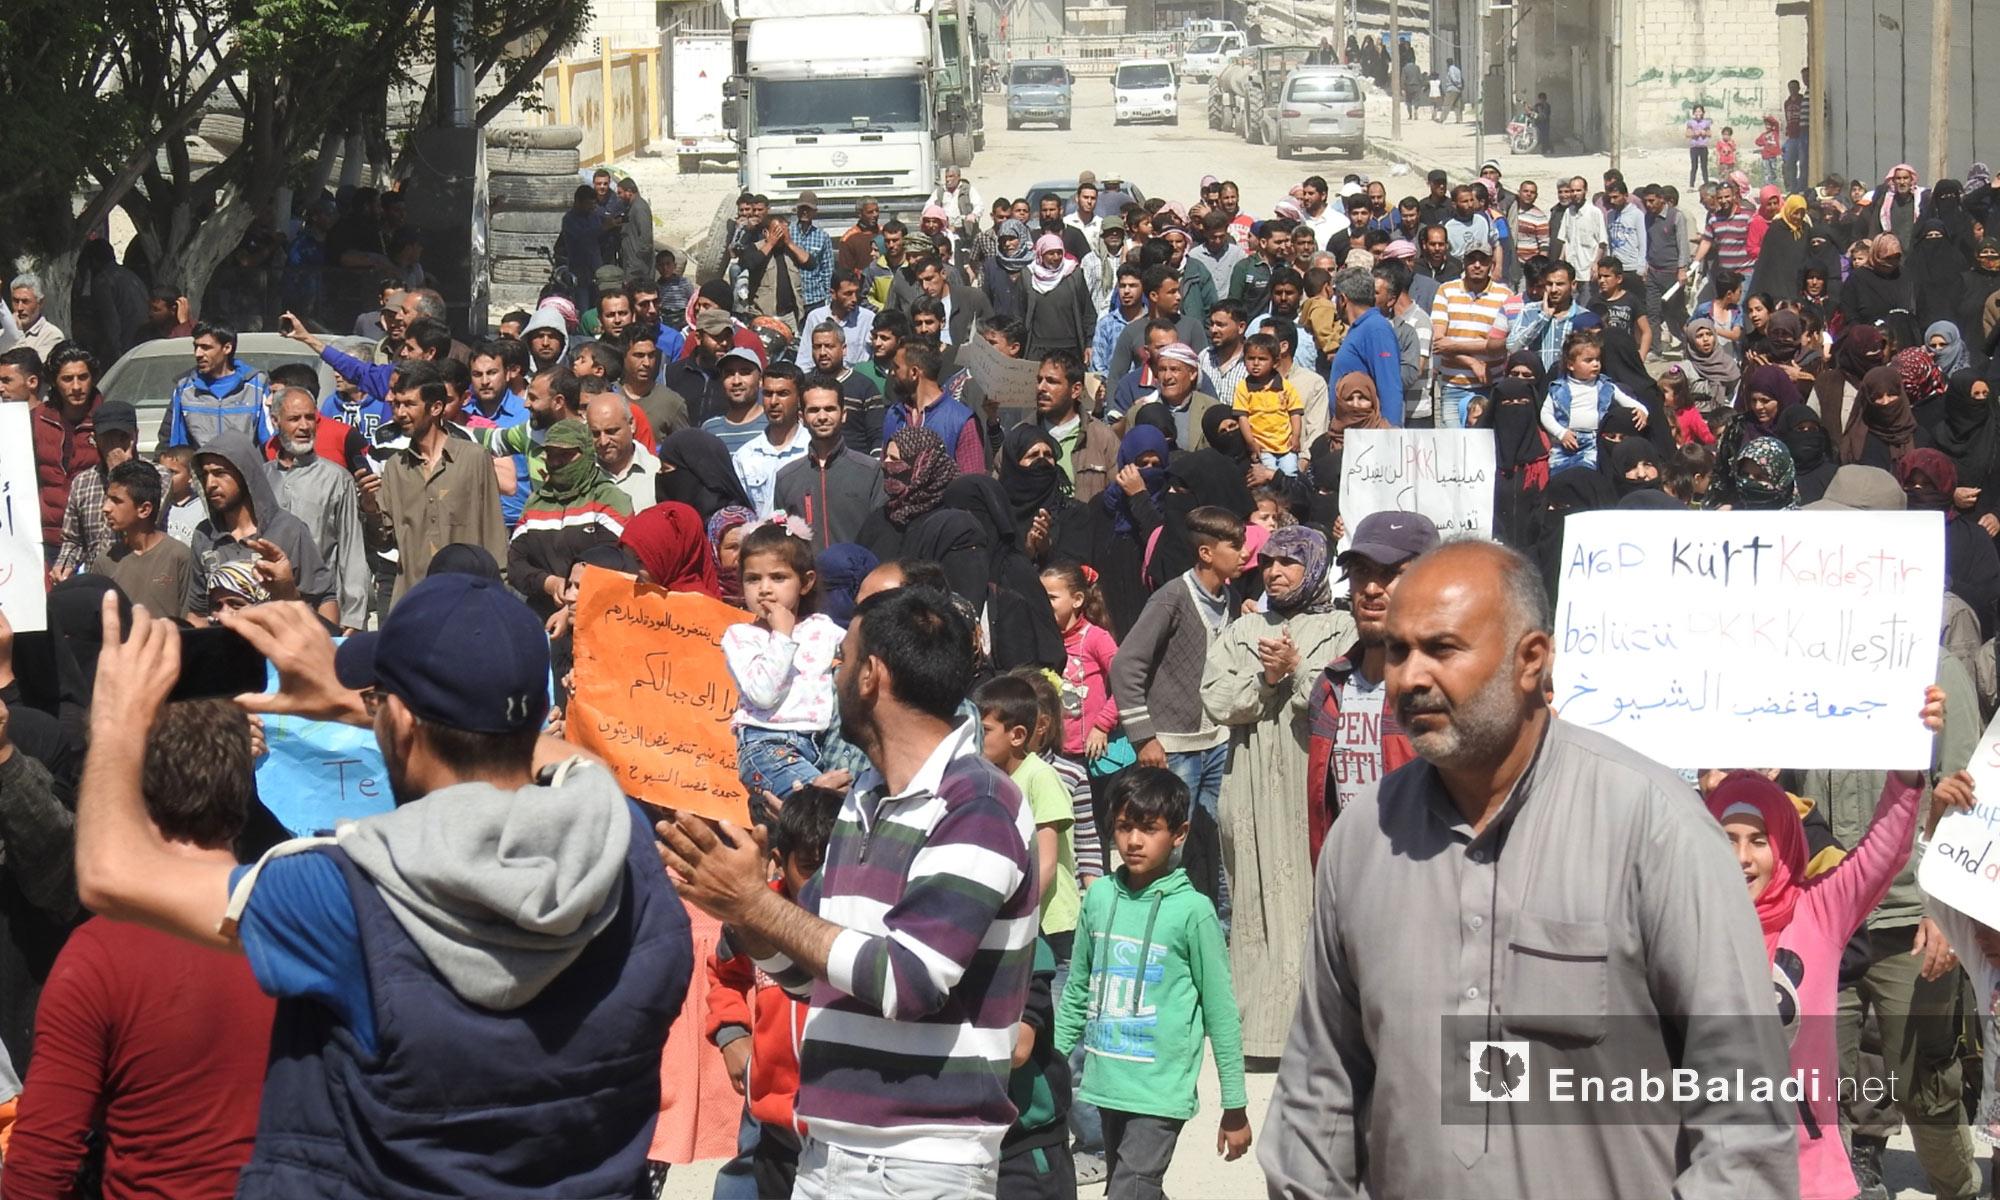 أهالي جرابلس يتظاهرون مطالبين بالتحرك نحو شرق الفرات - 6 من نيسان 2018 (عنب بلدي)